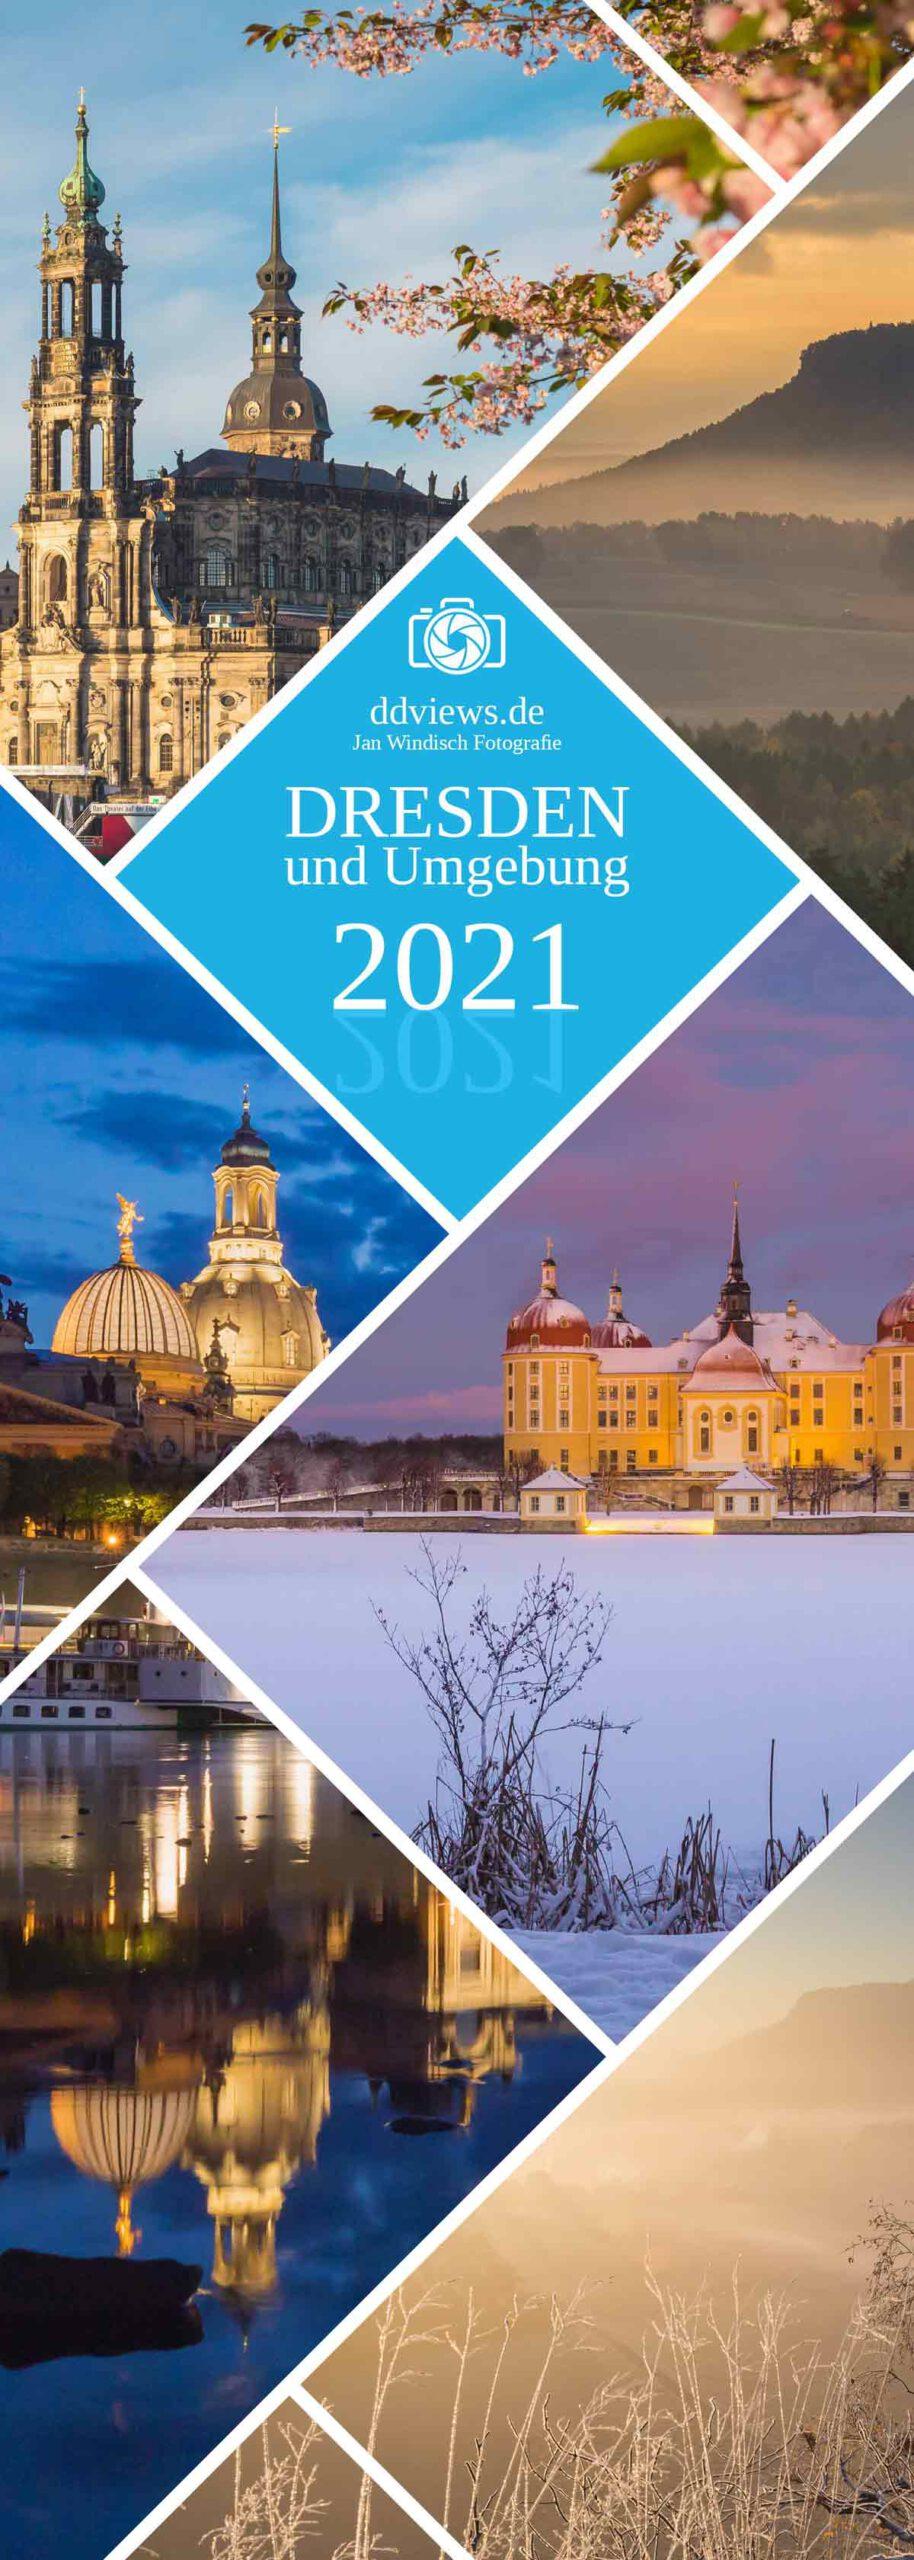 Dresden Streifenkalender